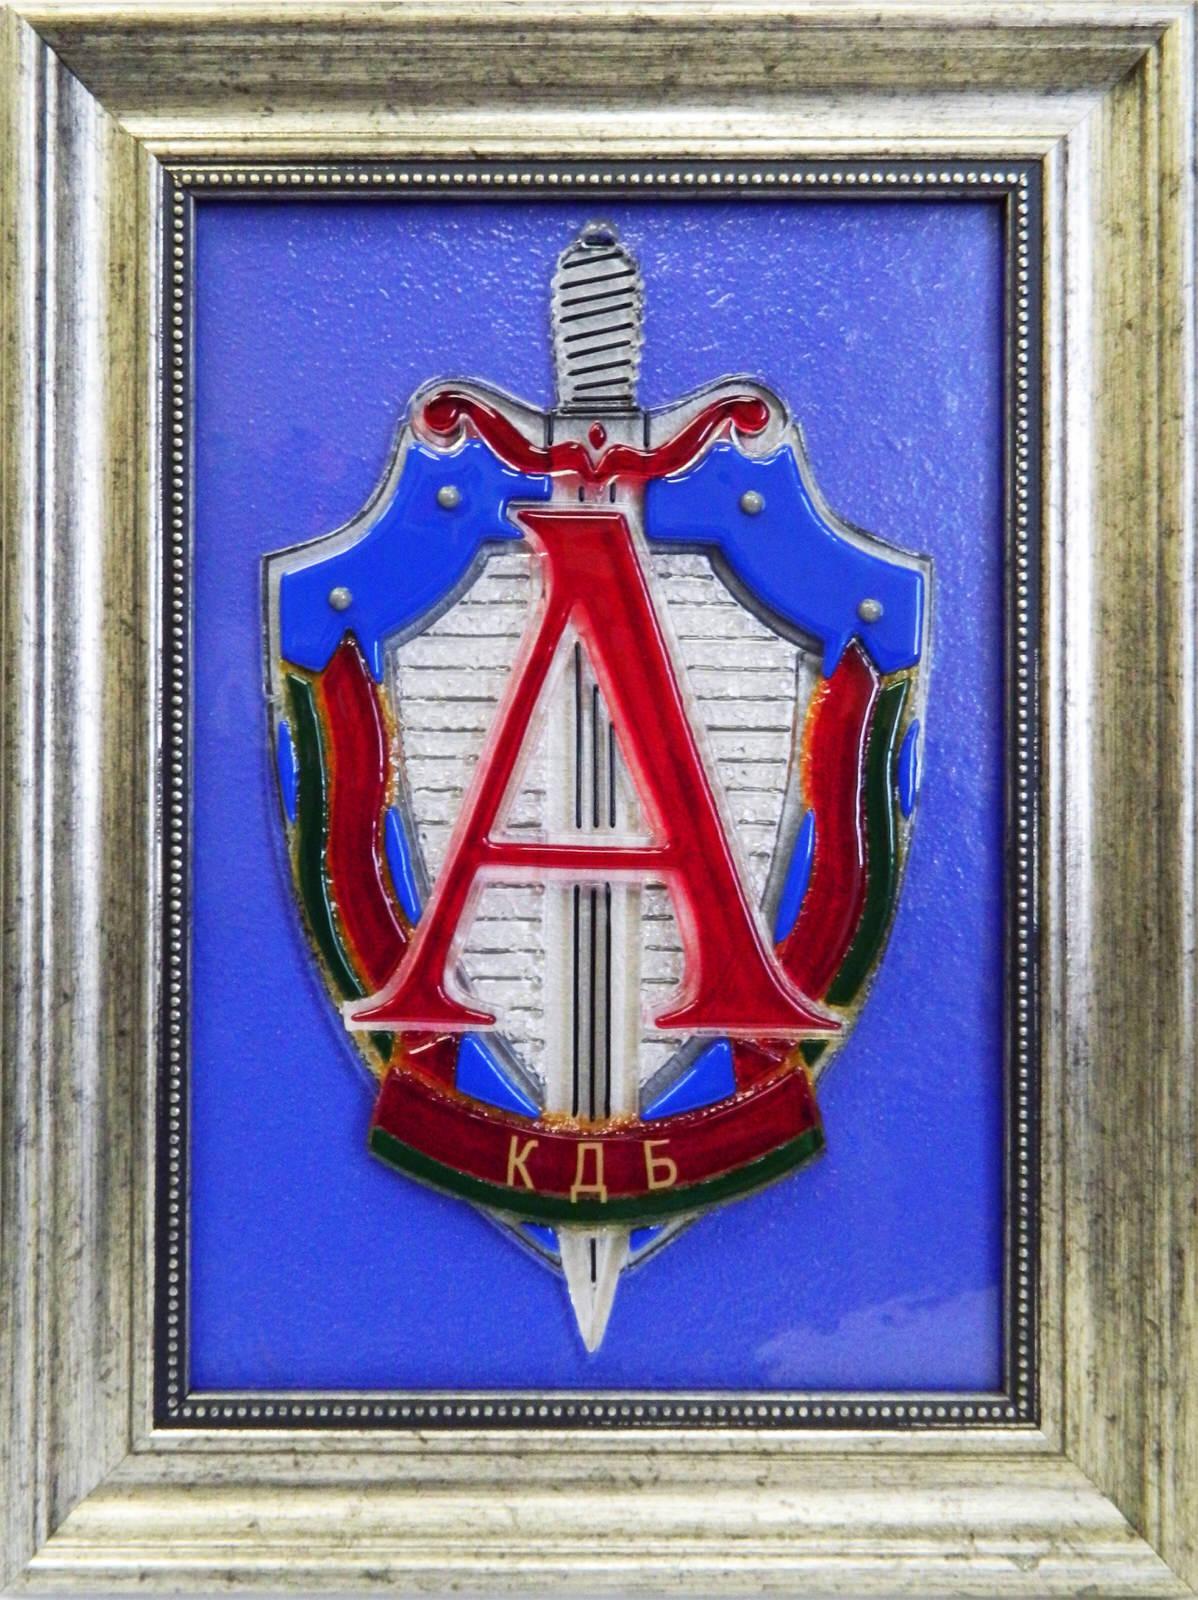 Картина из стекла Герб Группы «Альфа» КГБ Республики Беларусь